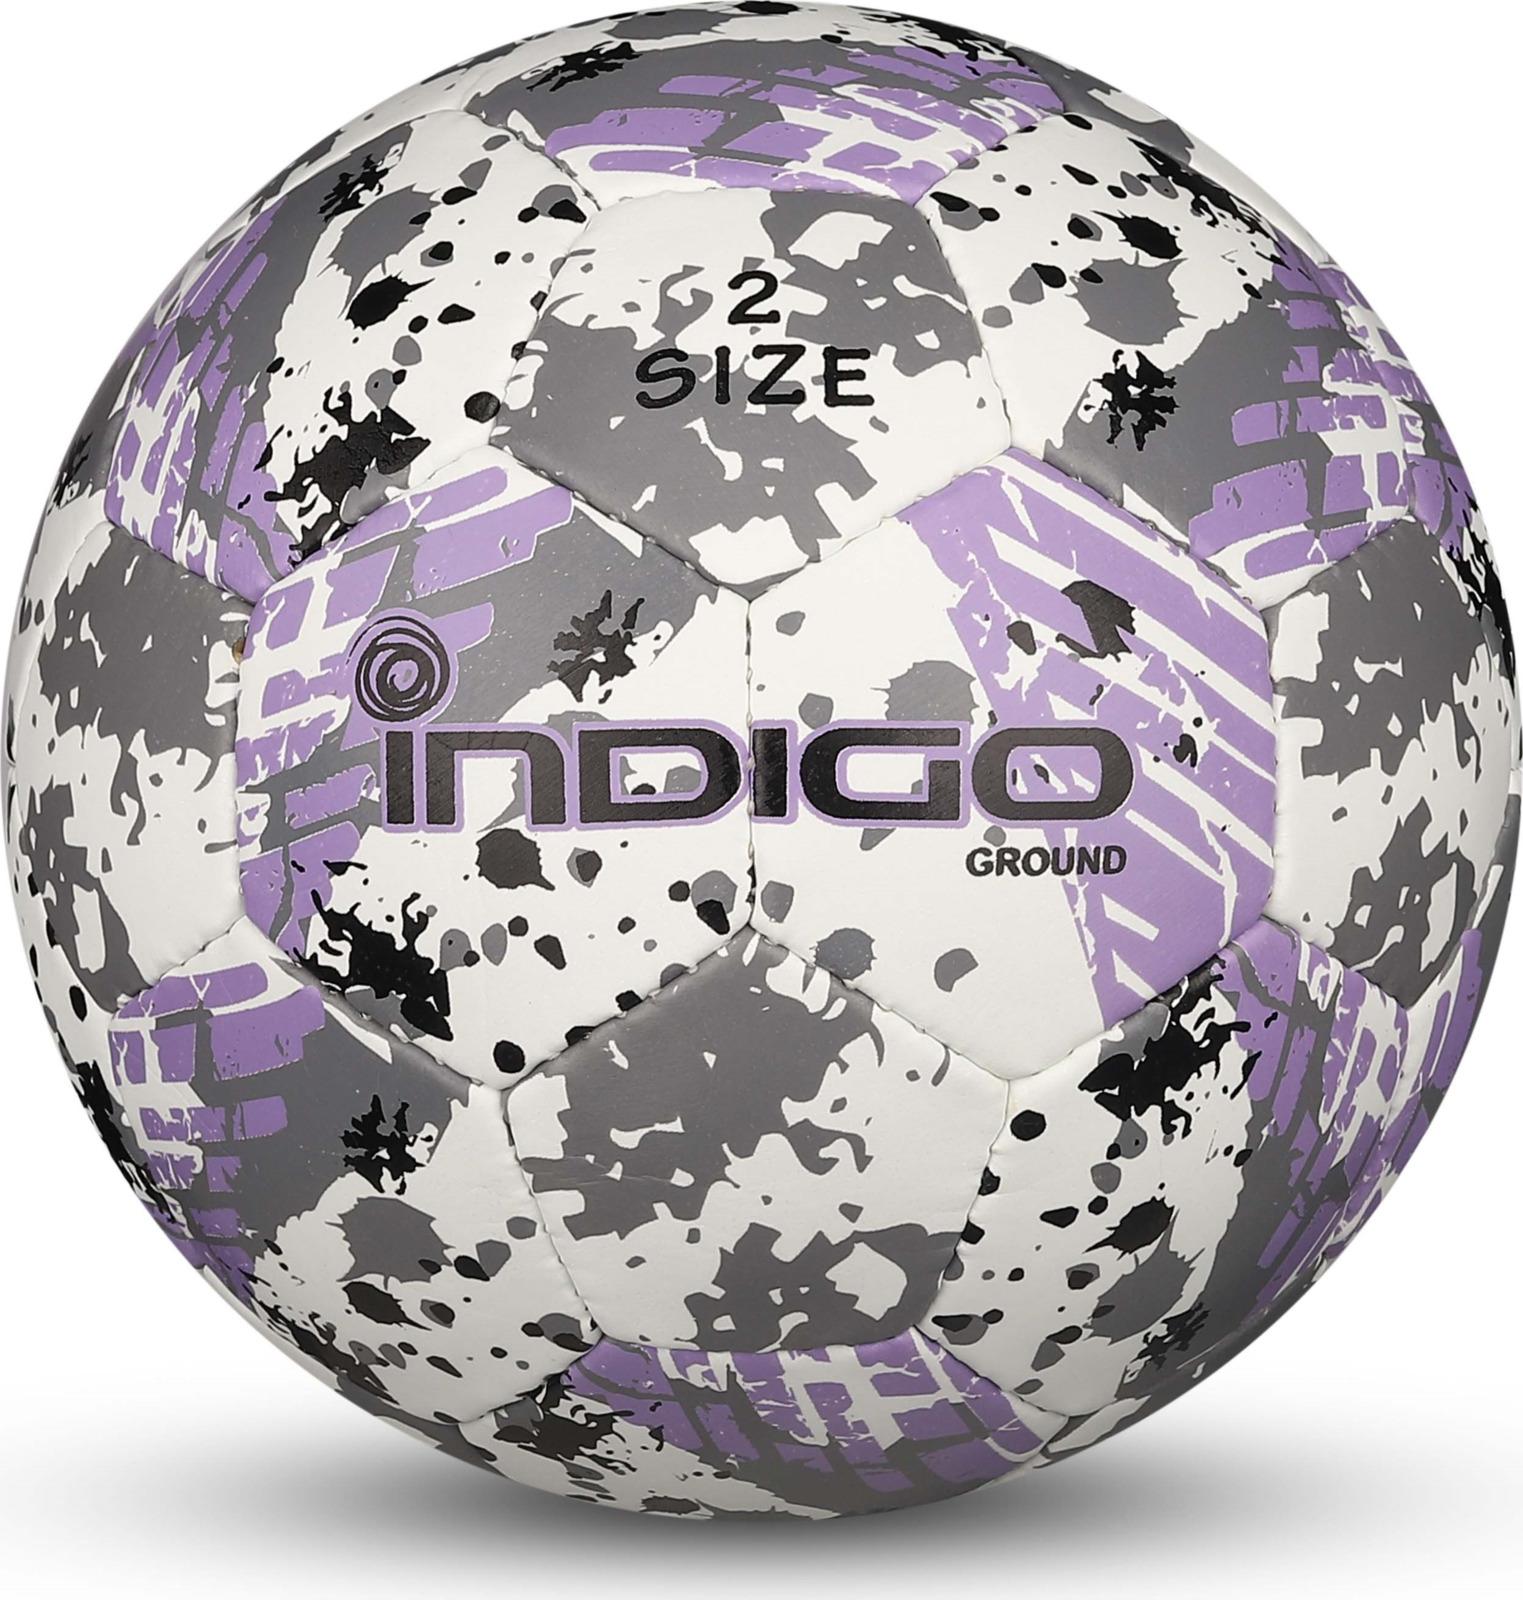 Мяч футбольный Indigo Ground, IN030, белый, серый, фиолетовый, размер 2 мяч футбольный indigo rain in031 белый синий желтый размер 3